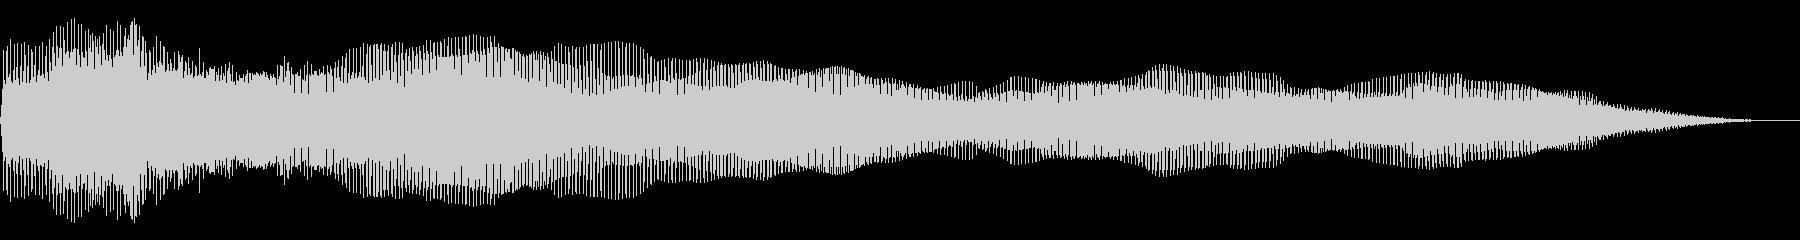 ディープエンベロープドローンの未再生の波形